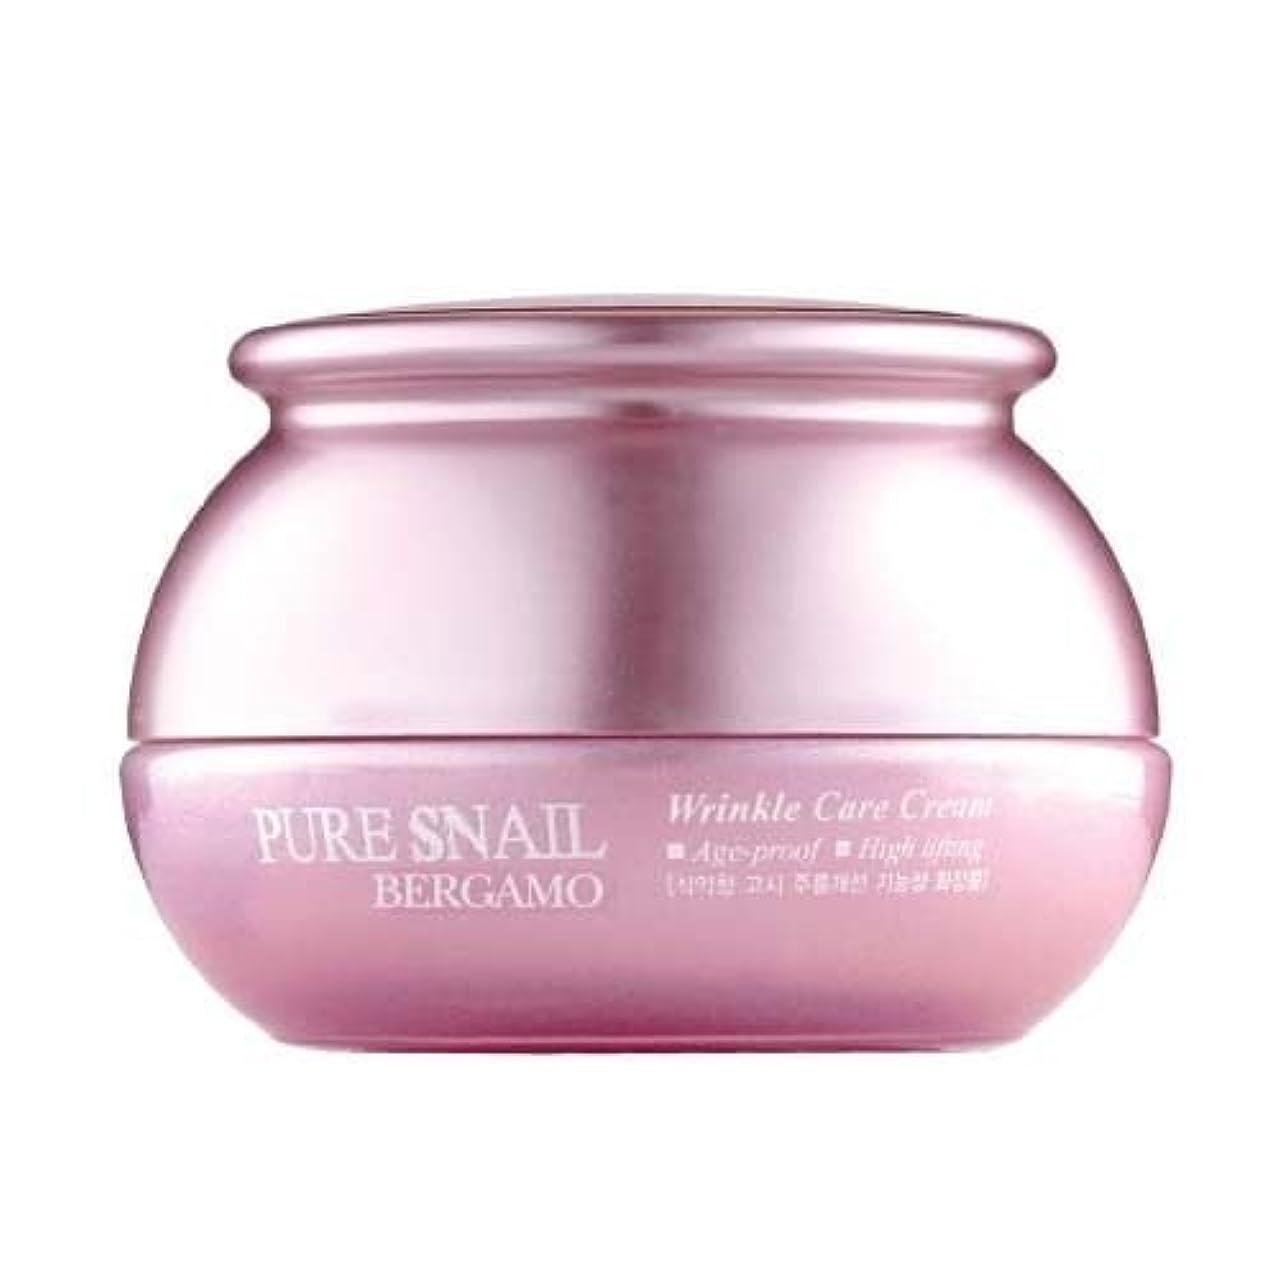 有彩色の所持くしゃみベルガモ[韓国コスメBergamo]Pure Snail Wrinkle Care Cream カタツムリリンクルケアクリーム50ml しわ管理 [並行輸入品]